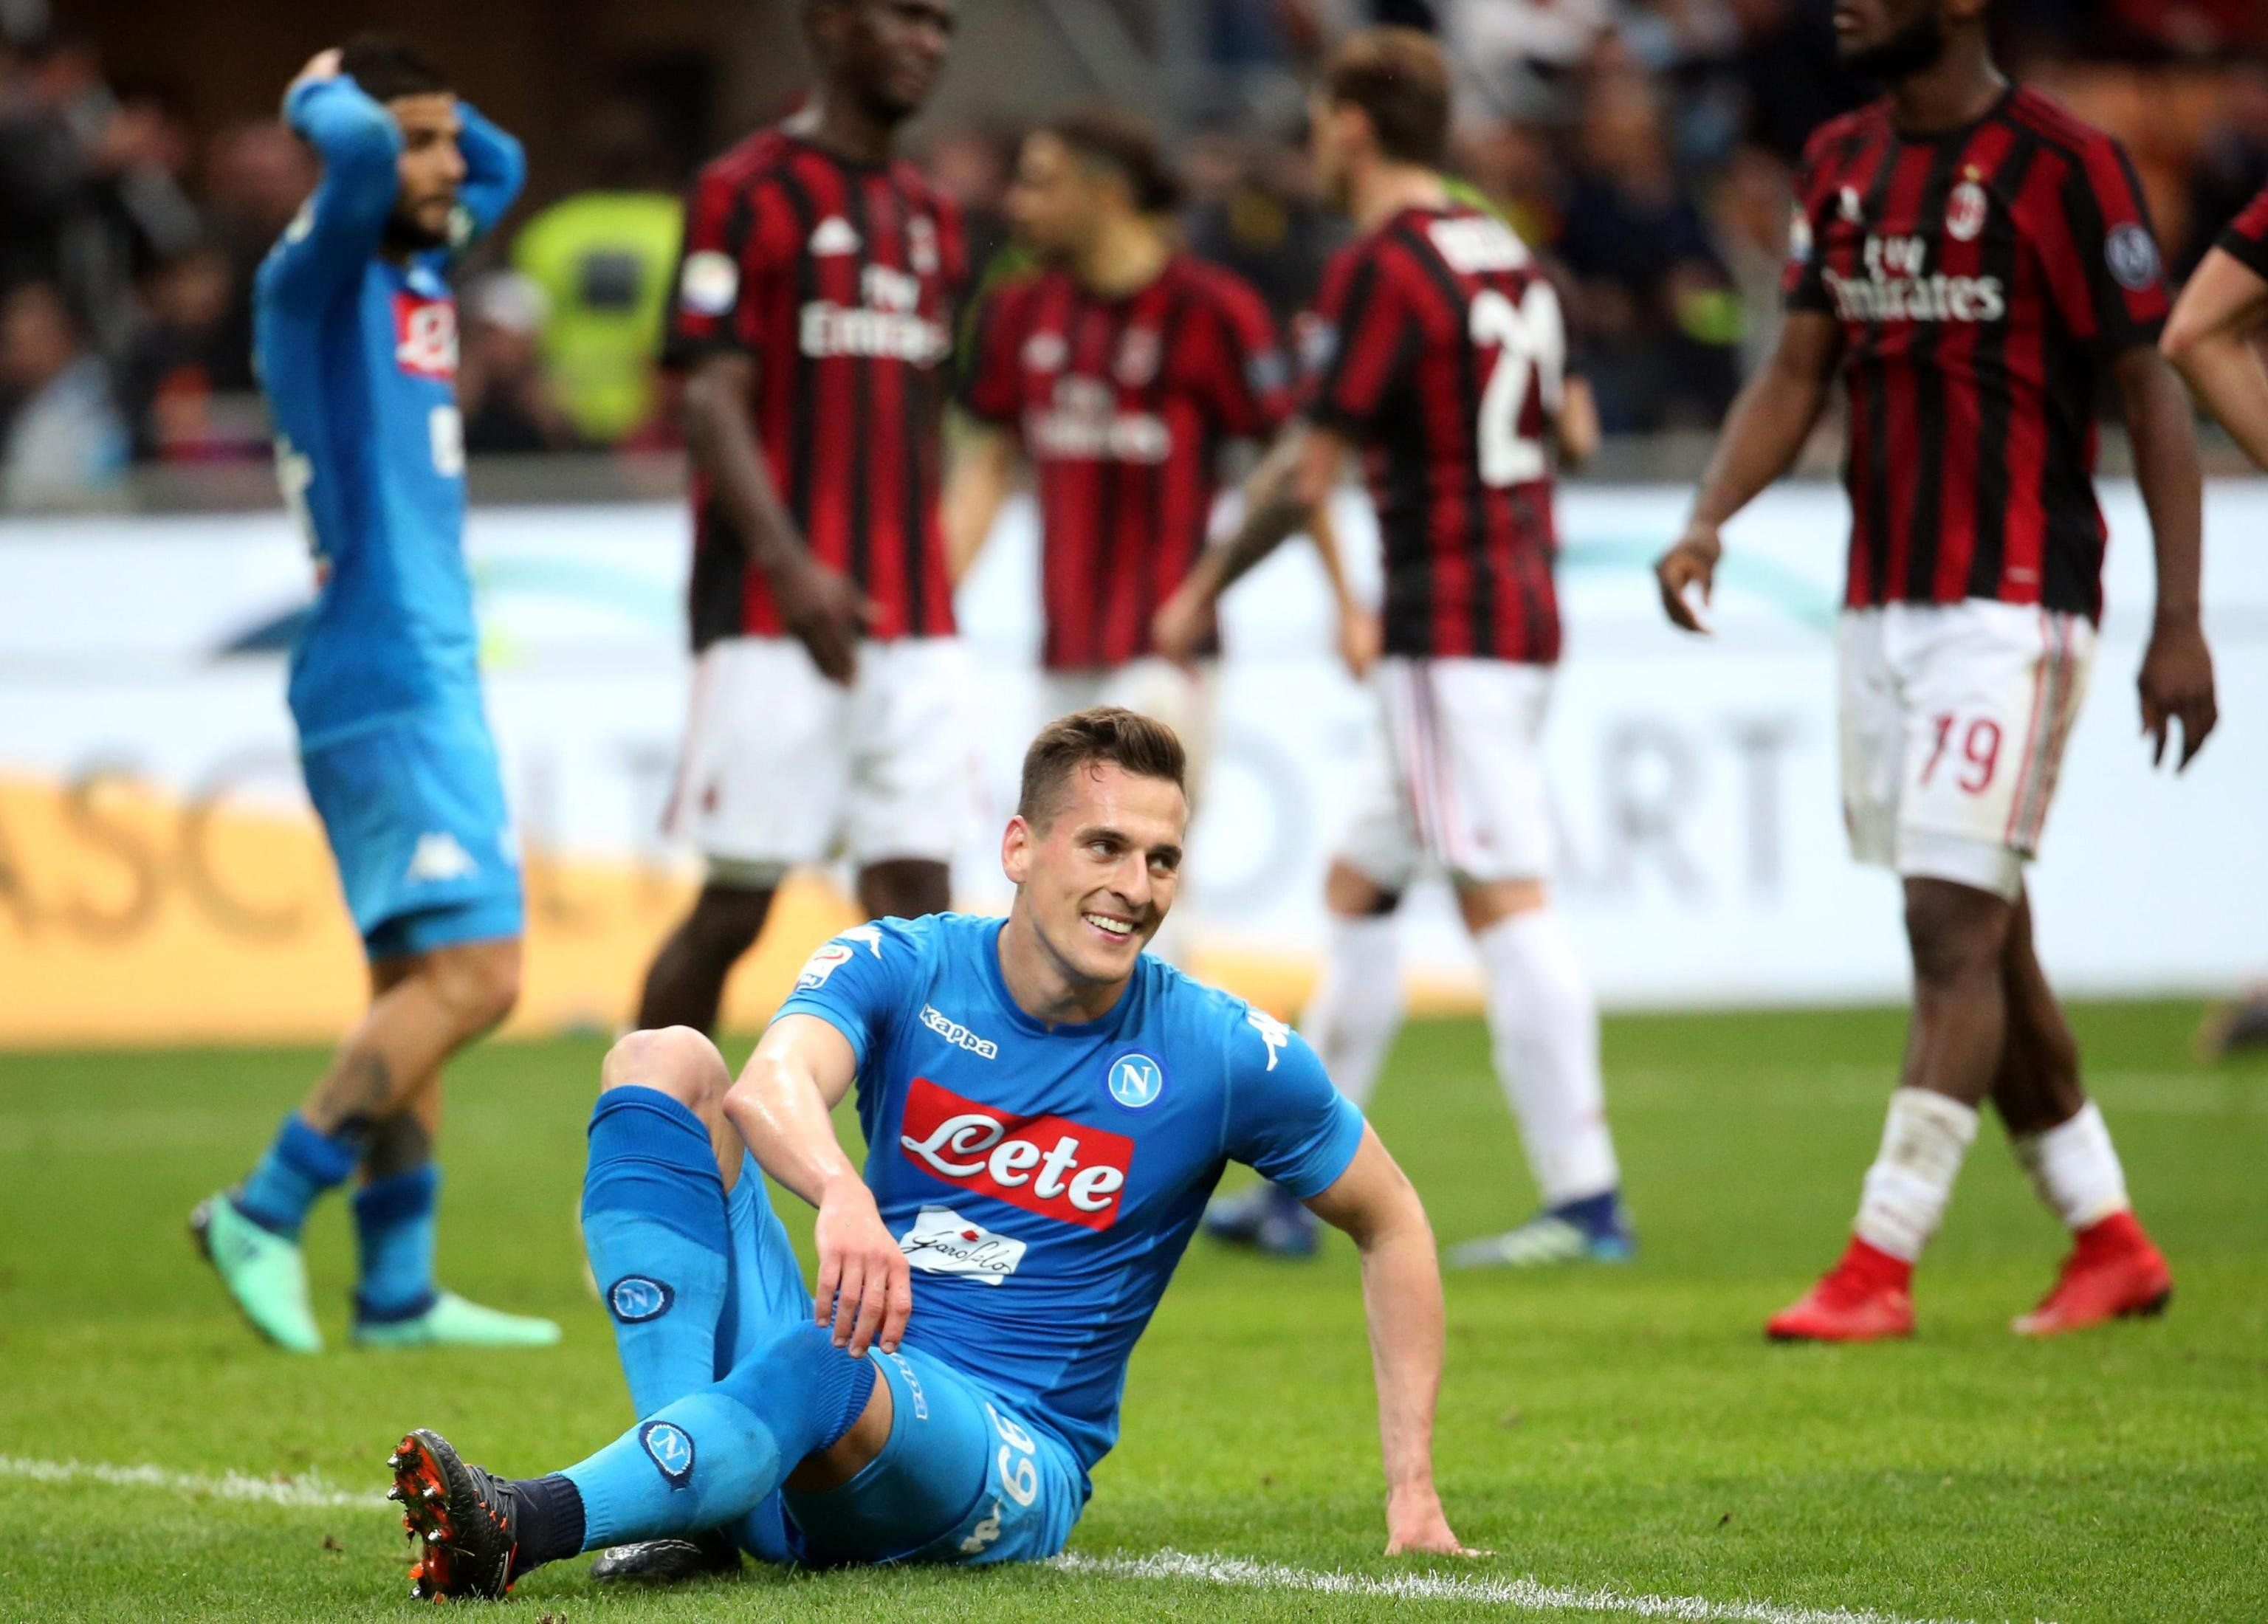 El Napoli lamentó el tapadón del portero rival. Foto: EFE